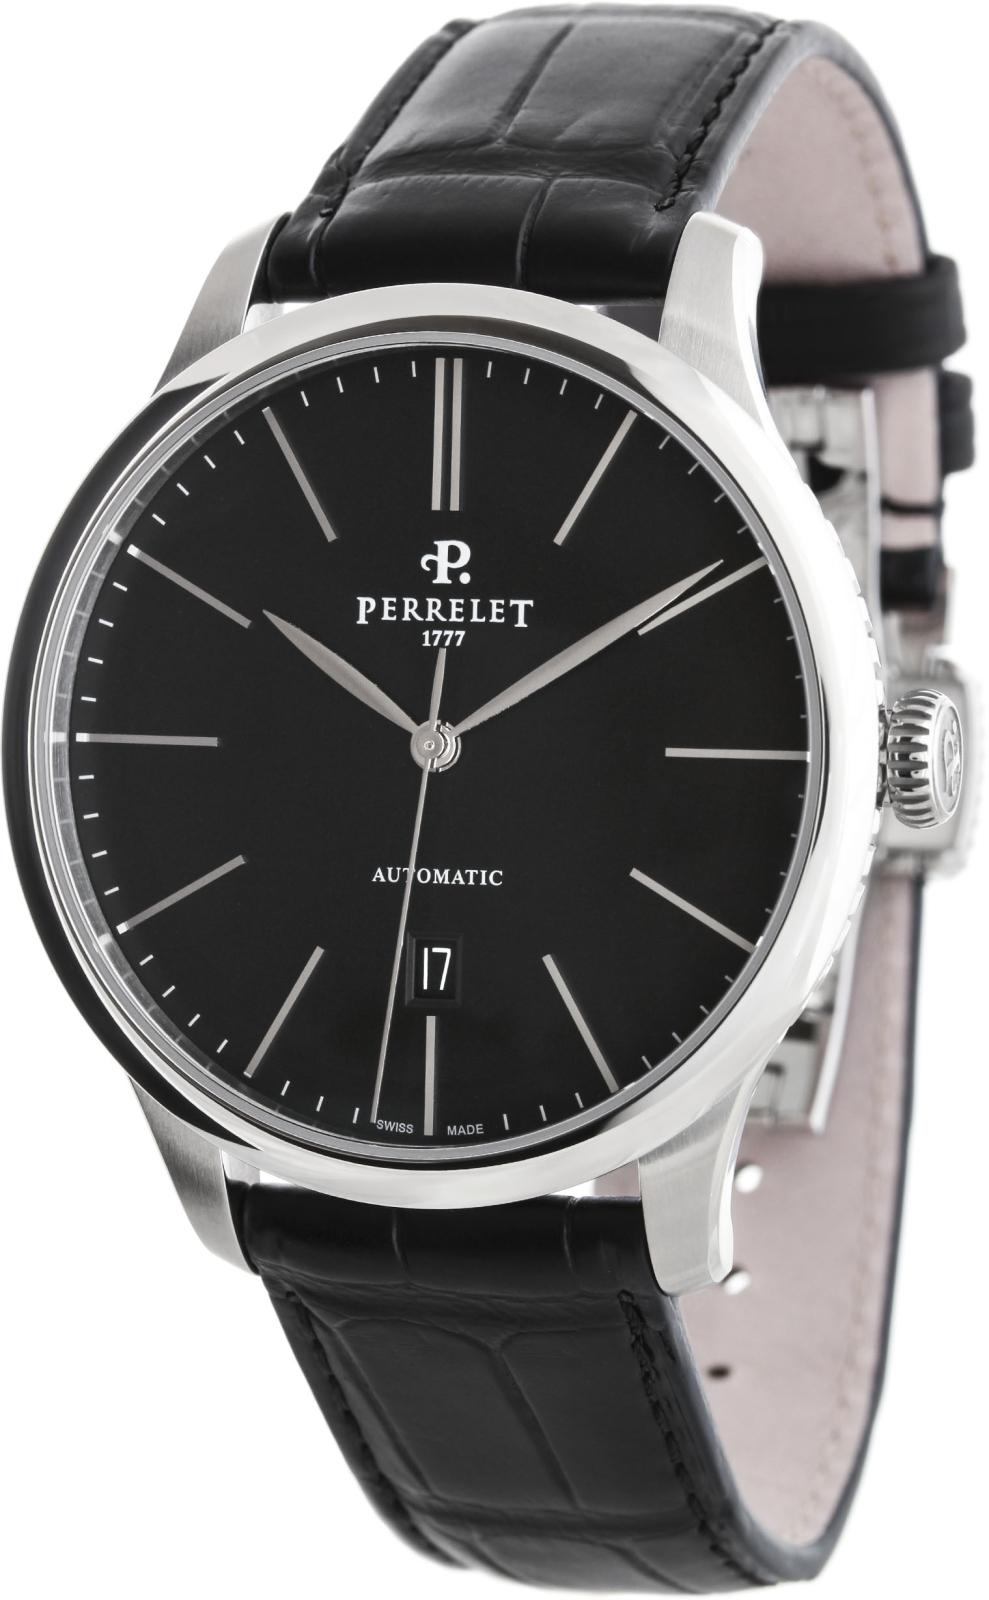 Perrelet First Class A1073/2Наручные часы<br>Швейцарские часы Perrelet First Class A1073/2<br><br>Пол: Мужские<br>Страна-производитель: Швейцария<br>Механизм: Механический<br>Материал корпуса: Сталь<br>Материал ремня/браслета: Кожа<br>Водозащита, диапазон: 20 - 100 м<br>Стекло: Сапфировое<br>Толщина корпуса: None<br>Стиль: Классика